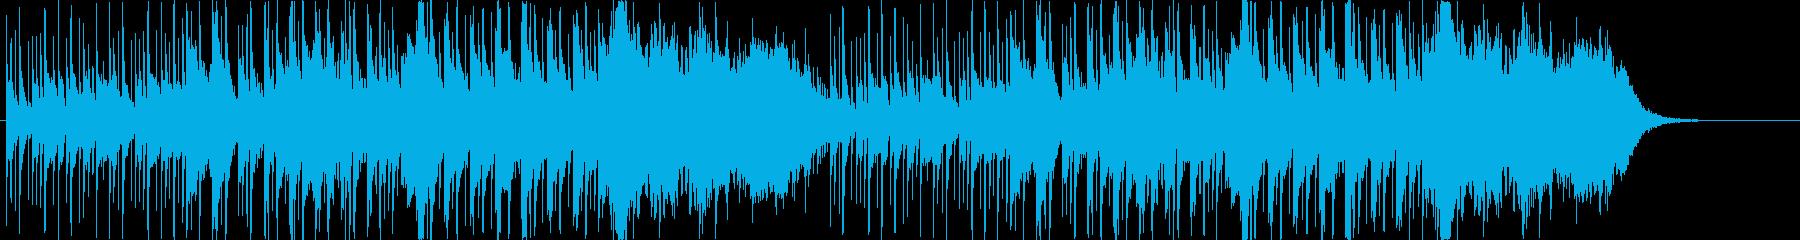 ほのぼのしたマーチ風ジングルの再生済みの波形